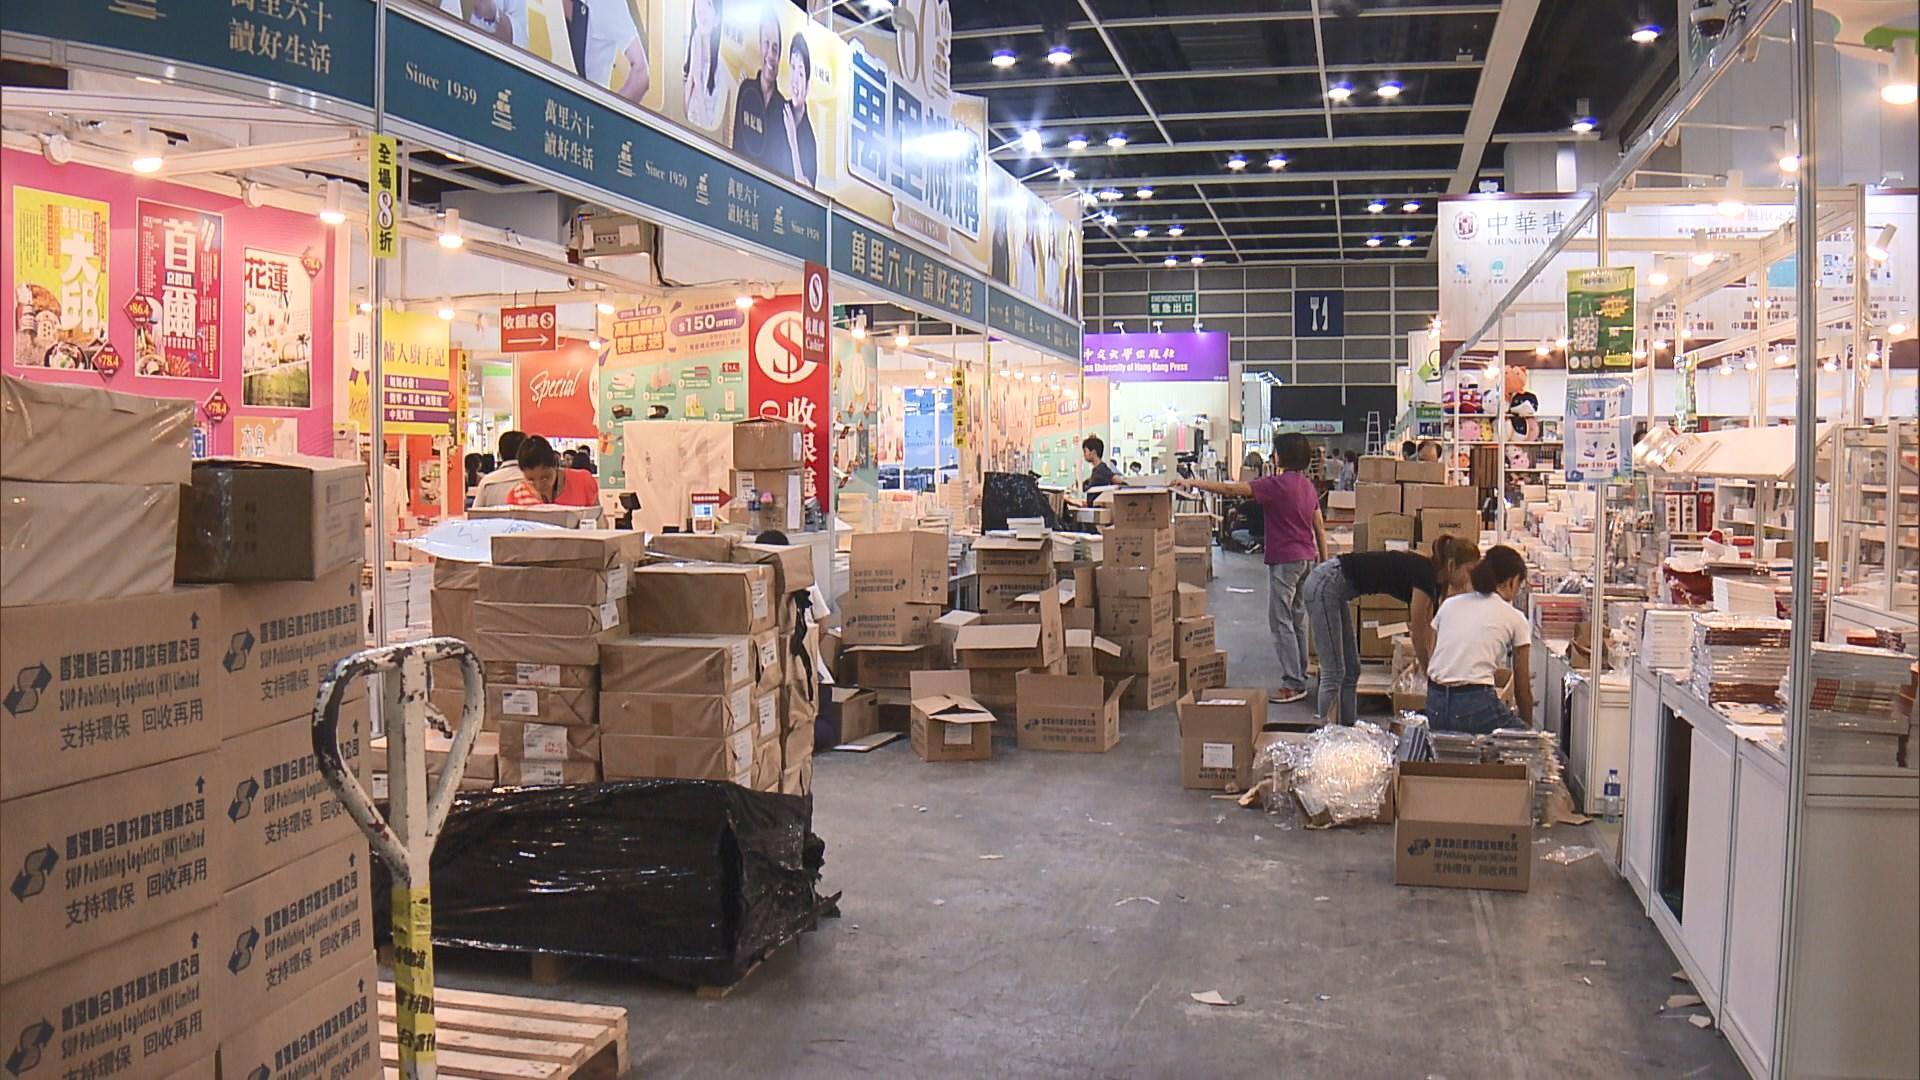 網民發起不合作行動 貿發局會加強書展保安